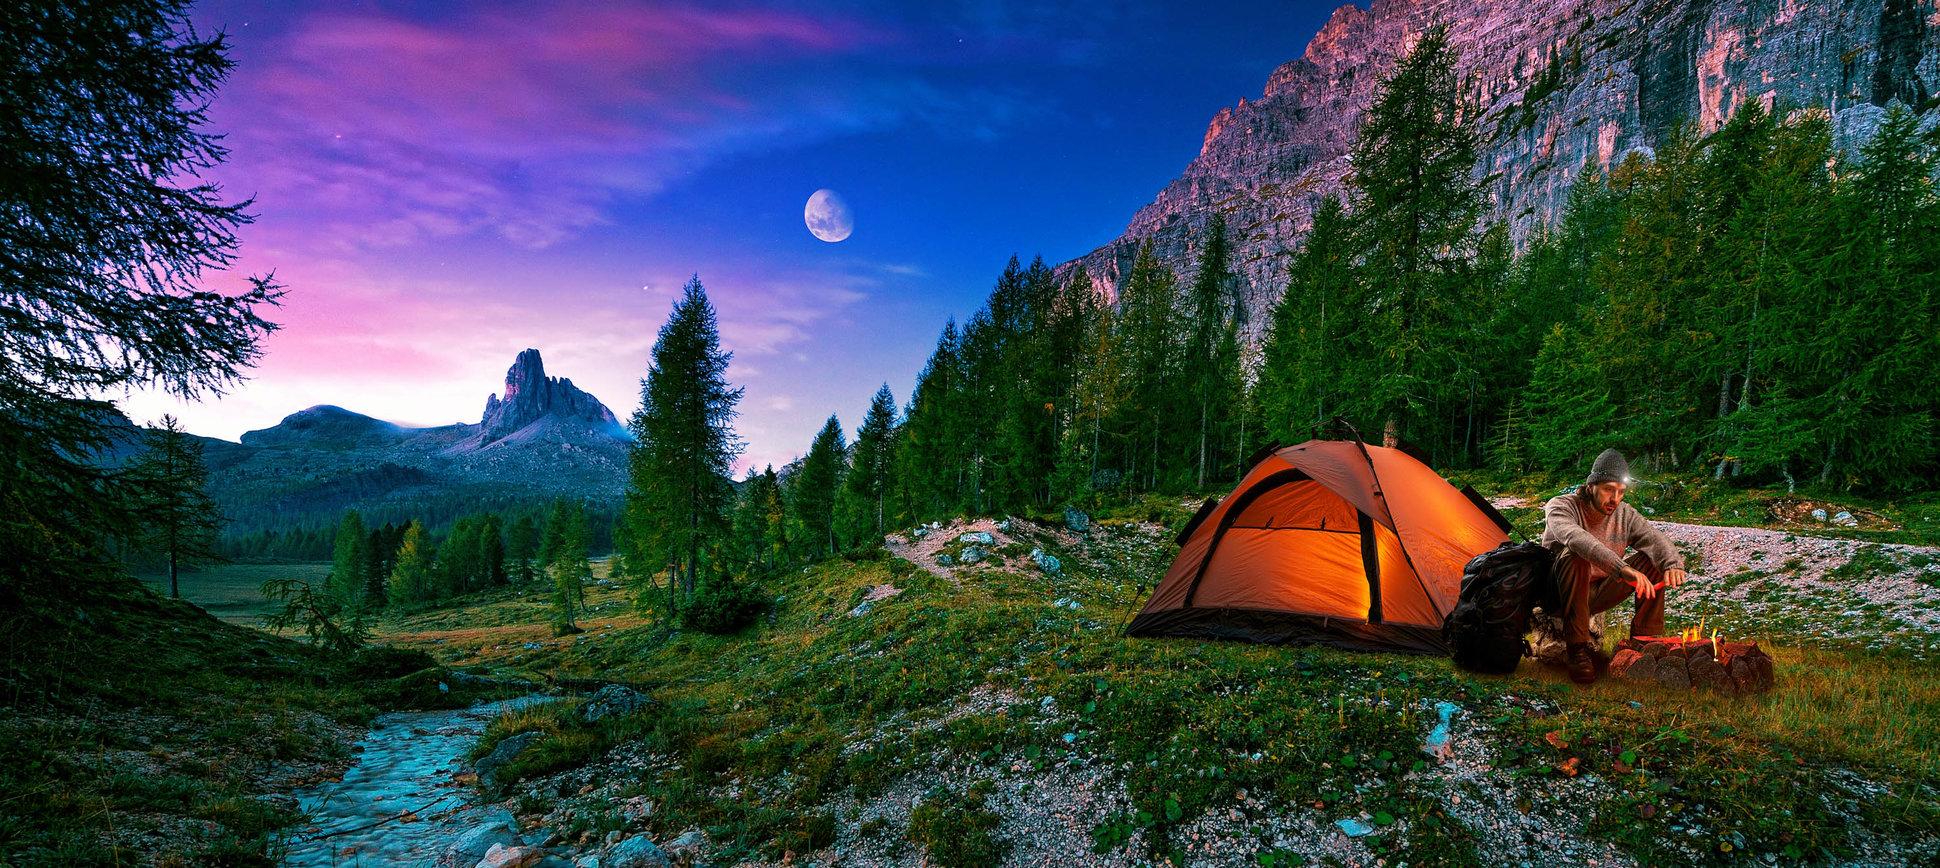 Türkiye'de Tercih Edilebilecek En İyi 5 Kamp Yeri